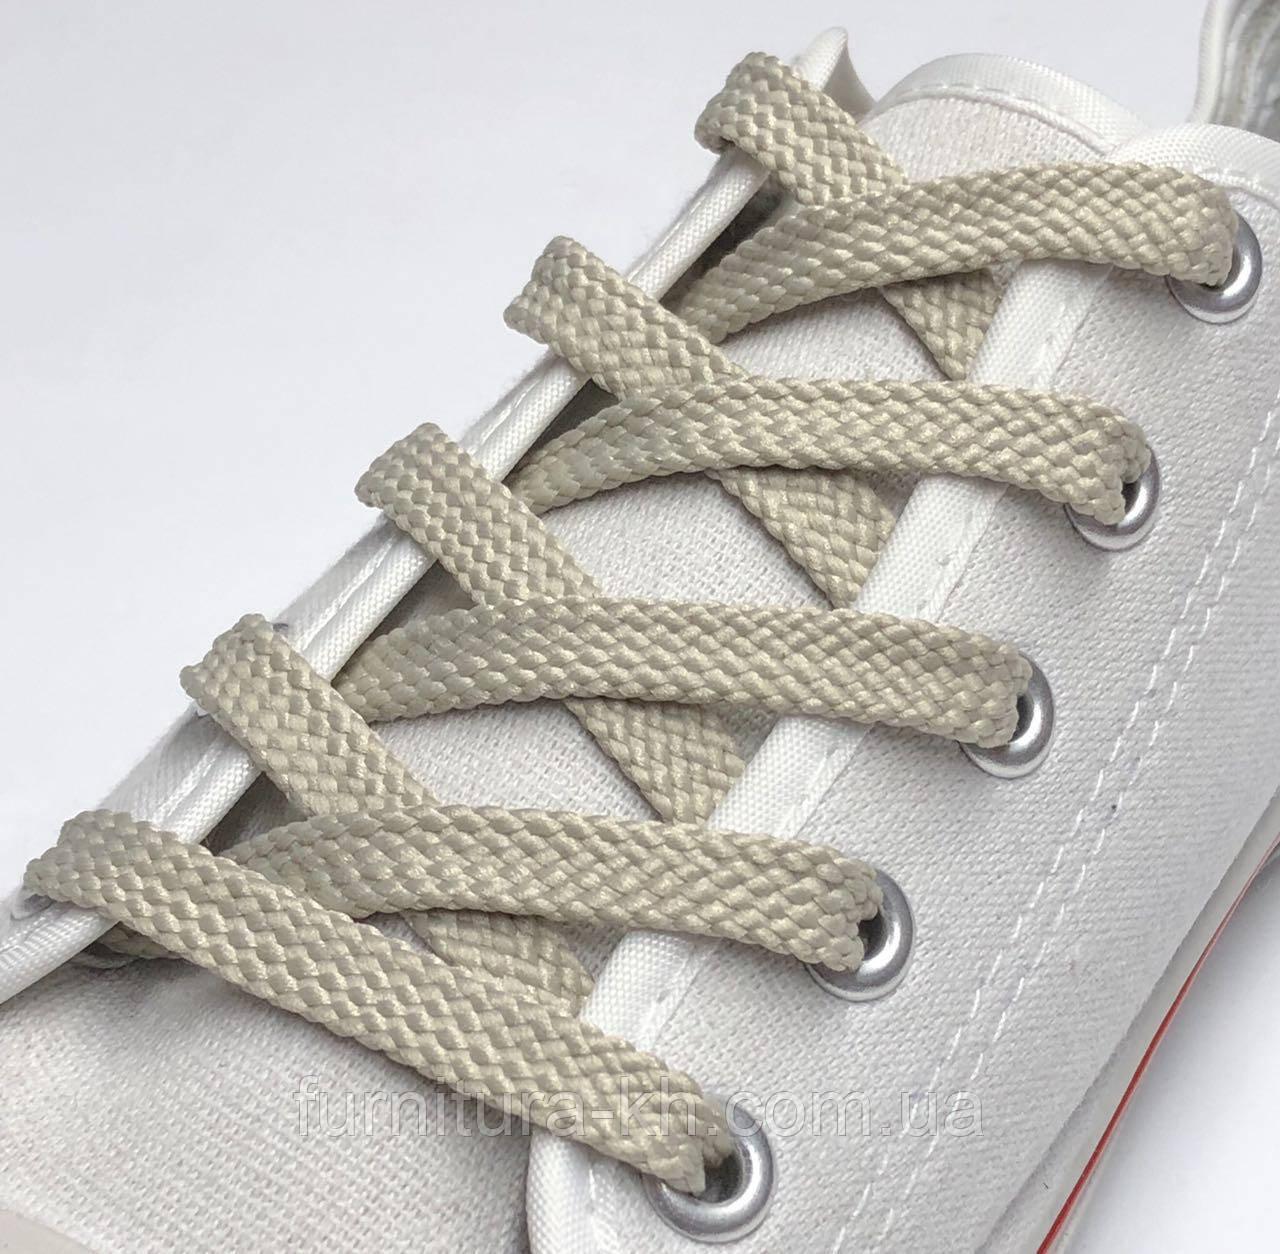 Шнурок Простой Плоский Длинна 1,5 м  цвет Светло Бежевый  (ширина 7 мм)